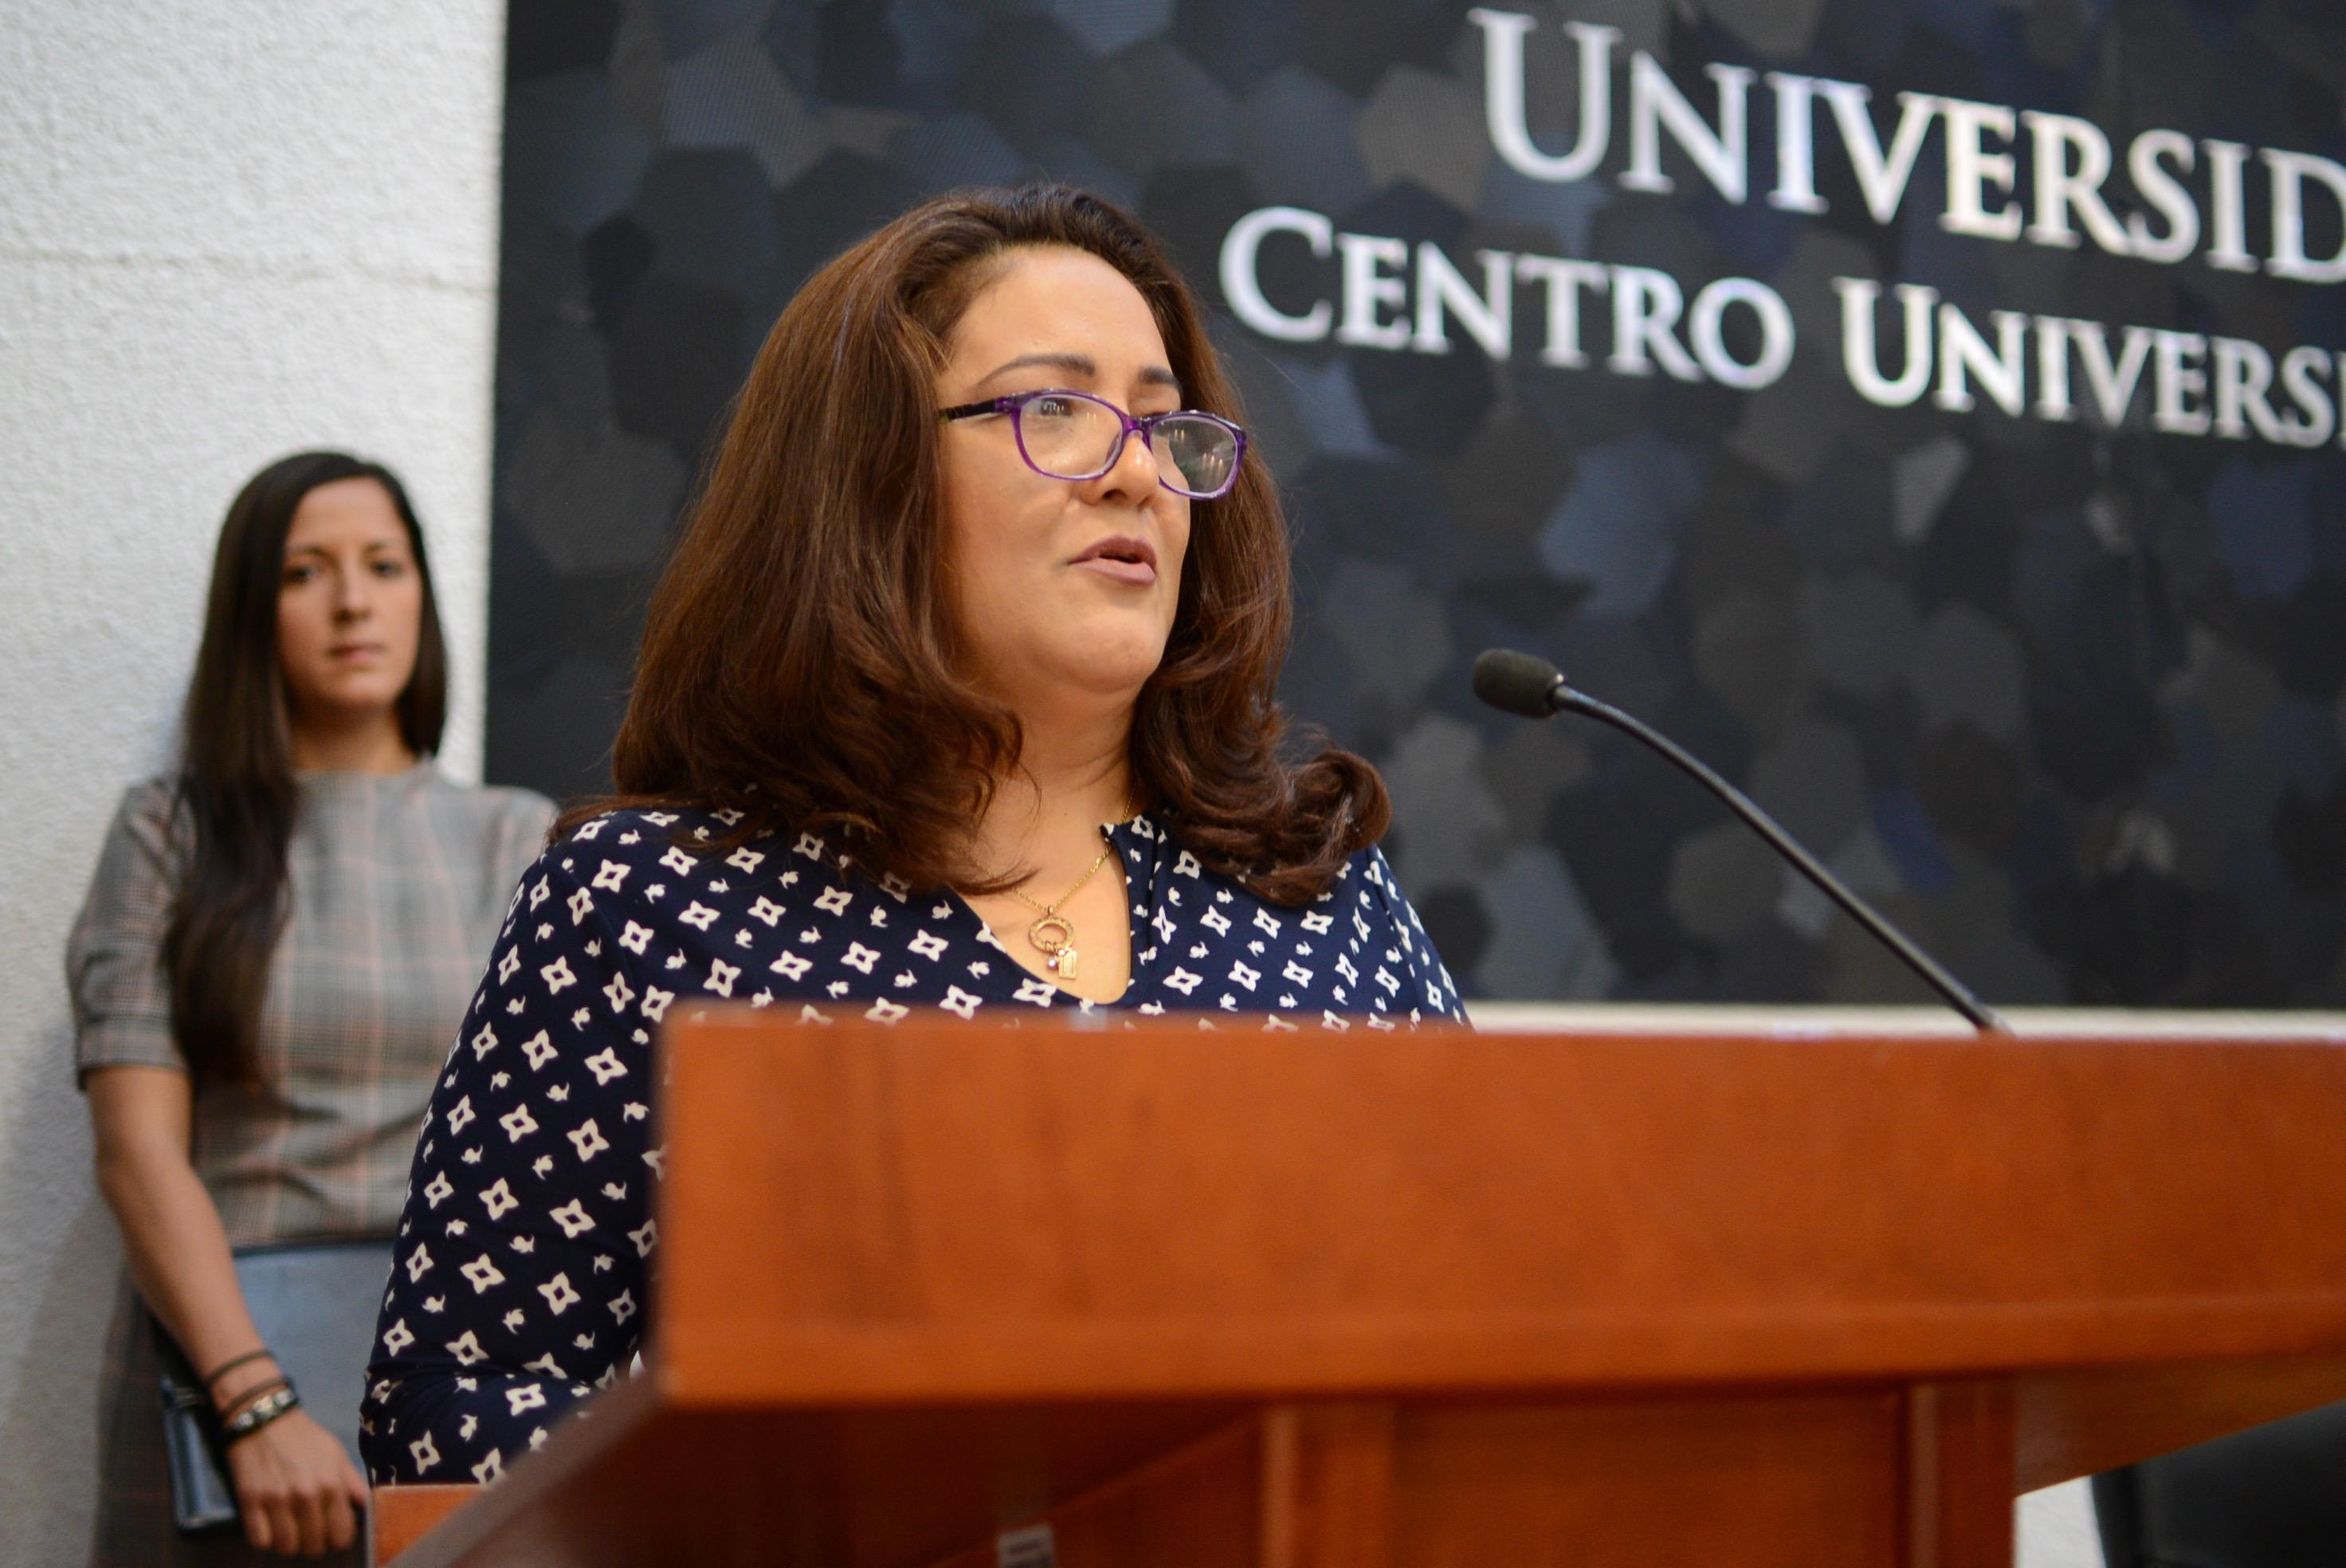 Lic. María Dolores Villegas, representante de los galardonados, ofreciendo mensaje en pódium